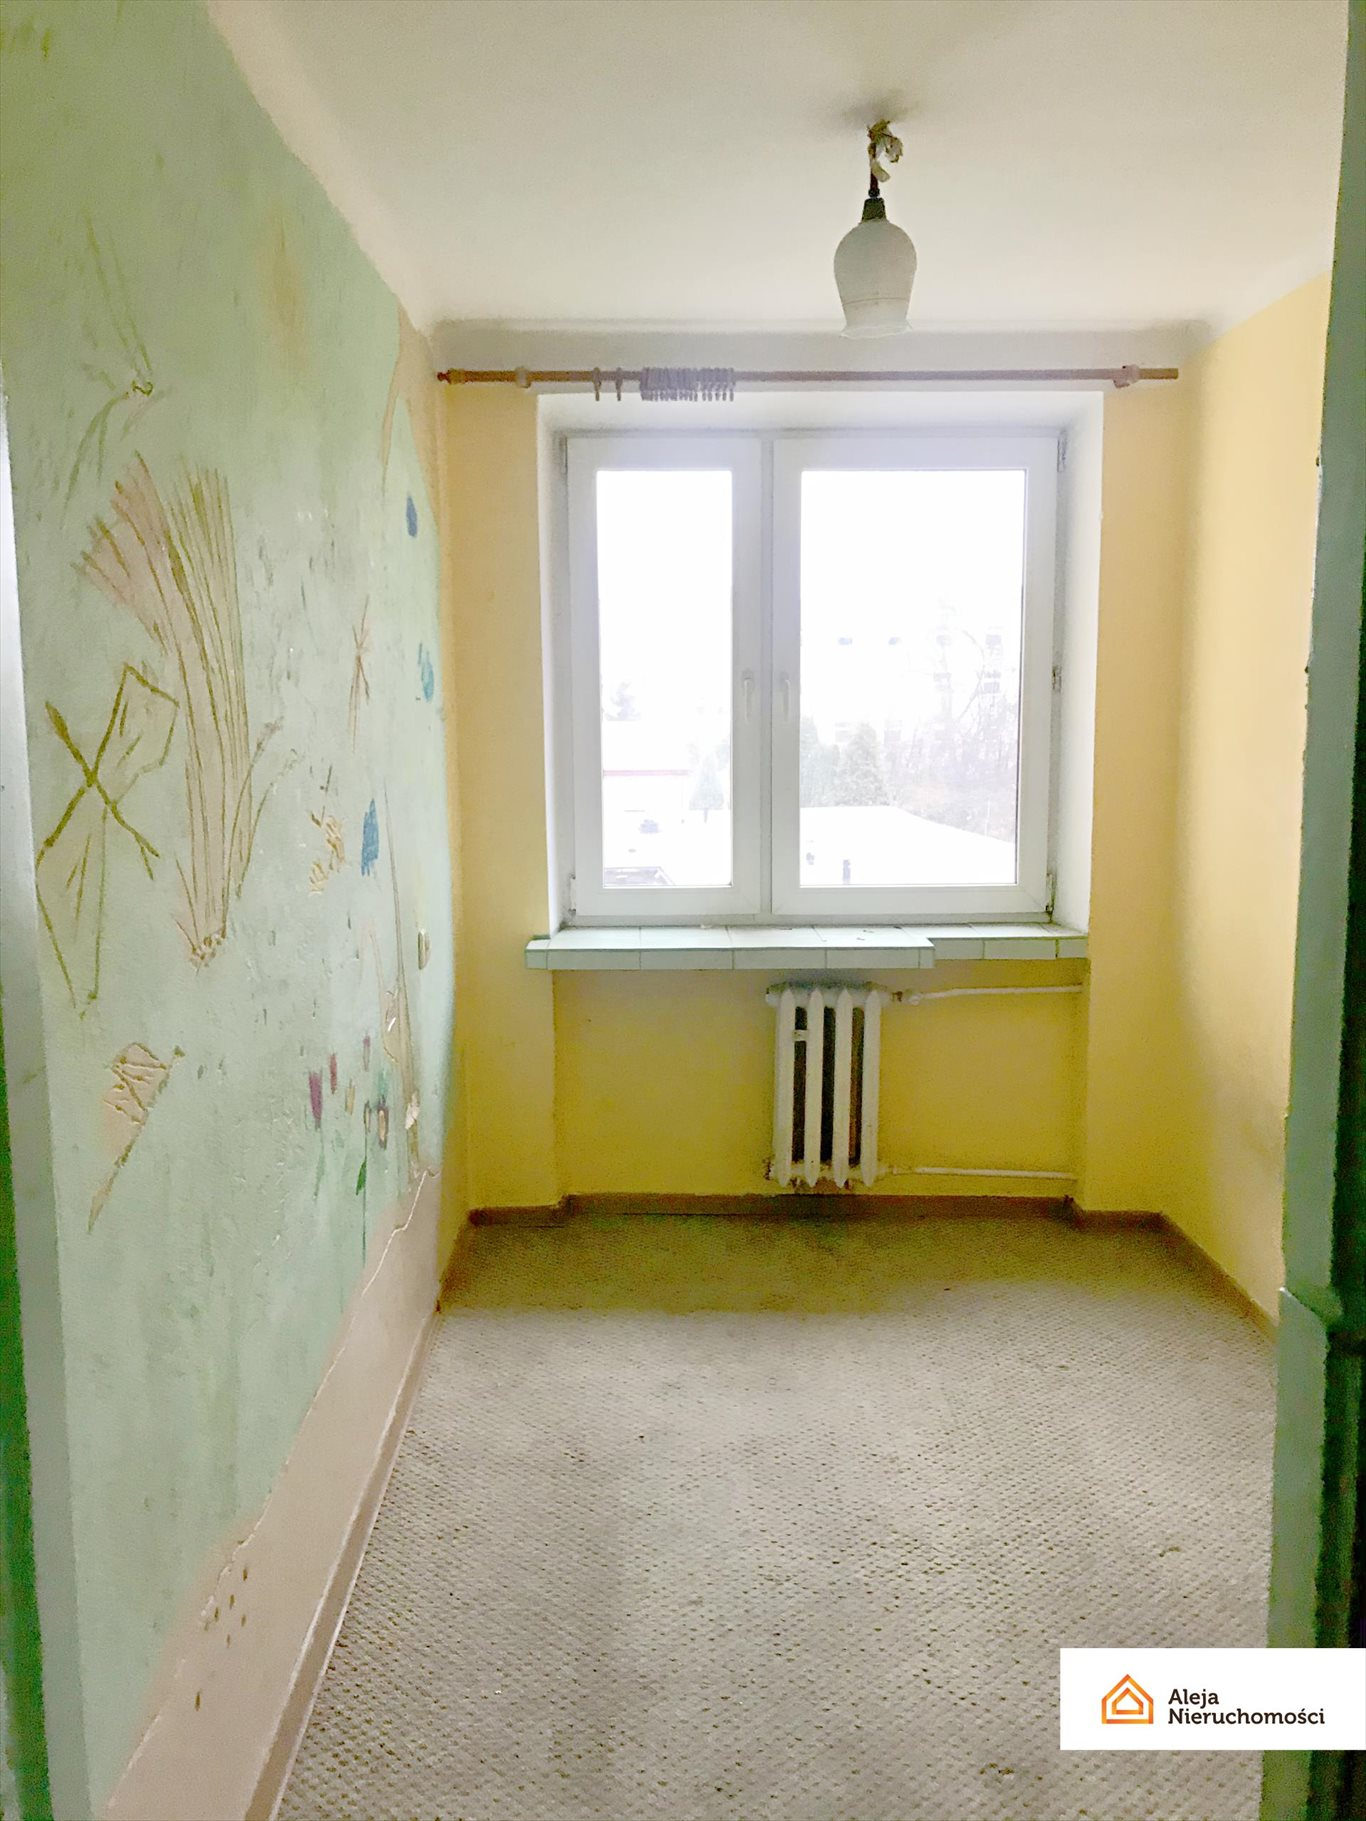 Mieszkanie dwupokojowe na sprzedaż Częstochowa, Raków  34m2 Foto 4